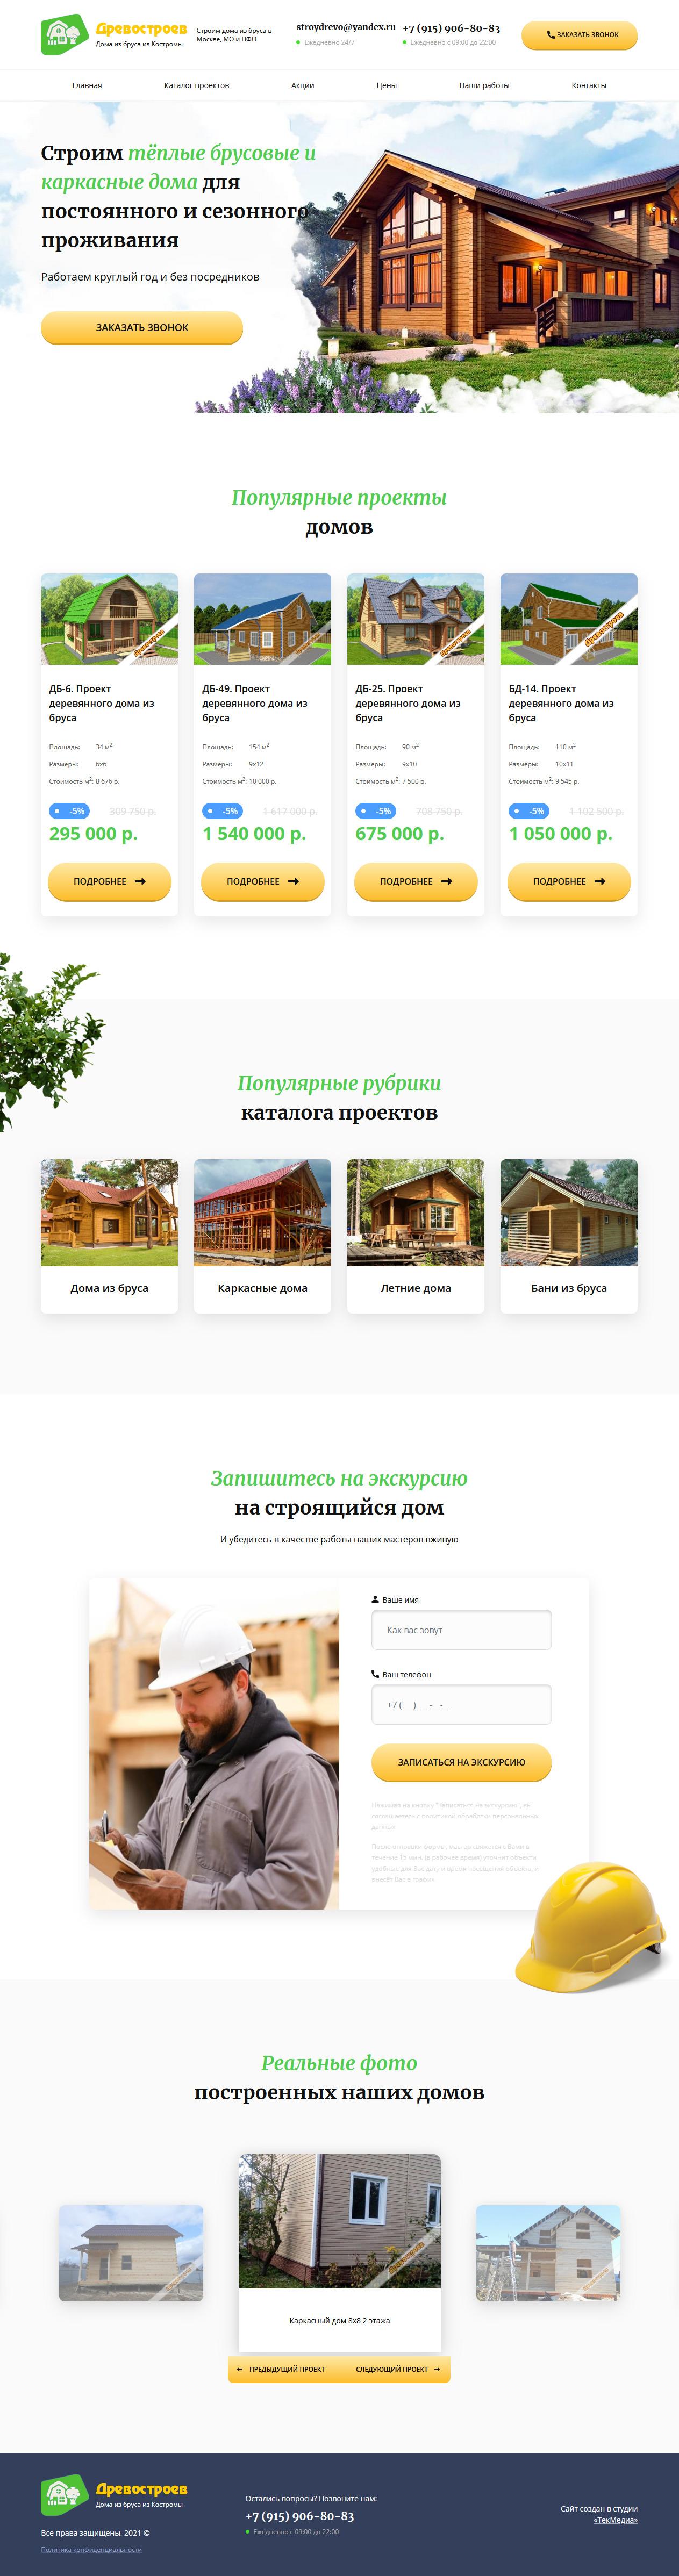 """Создание сайта строительной компании """"Древостроев"""". Создание сайтов в Костроме"""